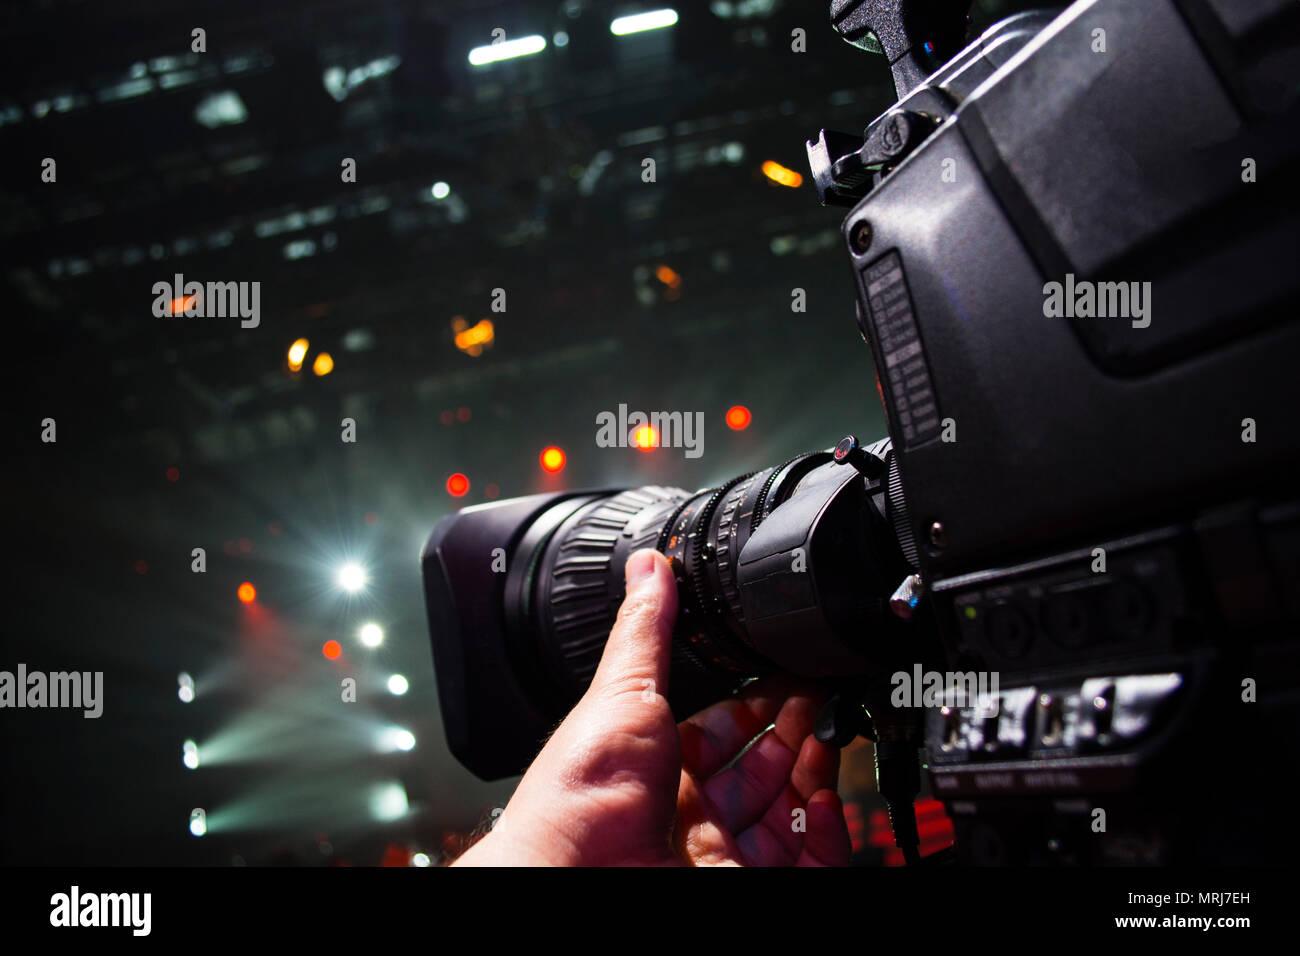 Professionelle video kamera Mann film Konzert auf der Bühne. Große ...